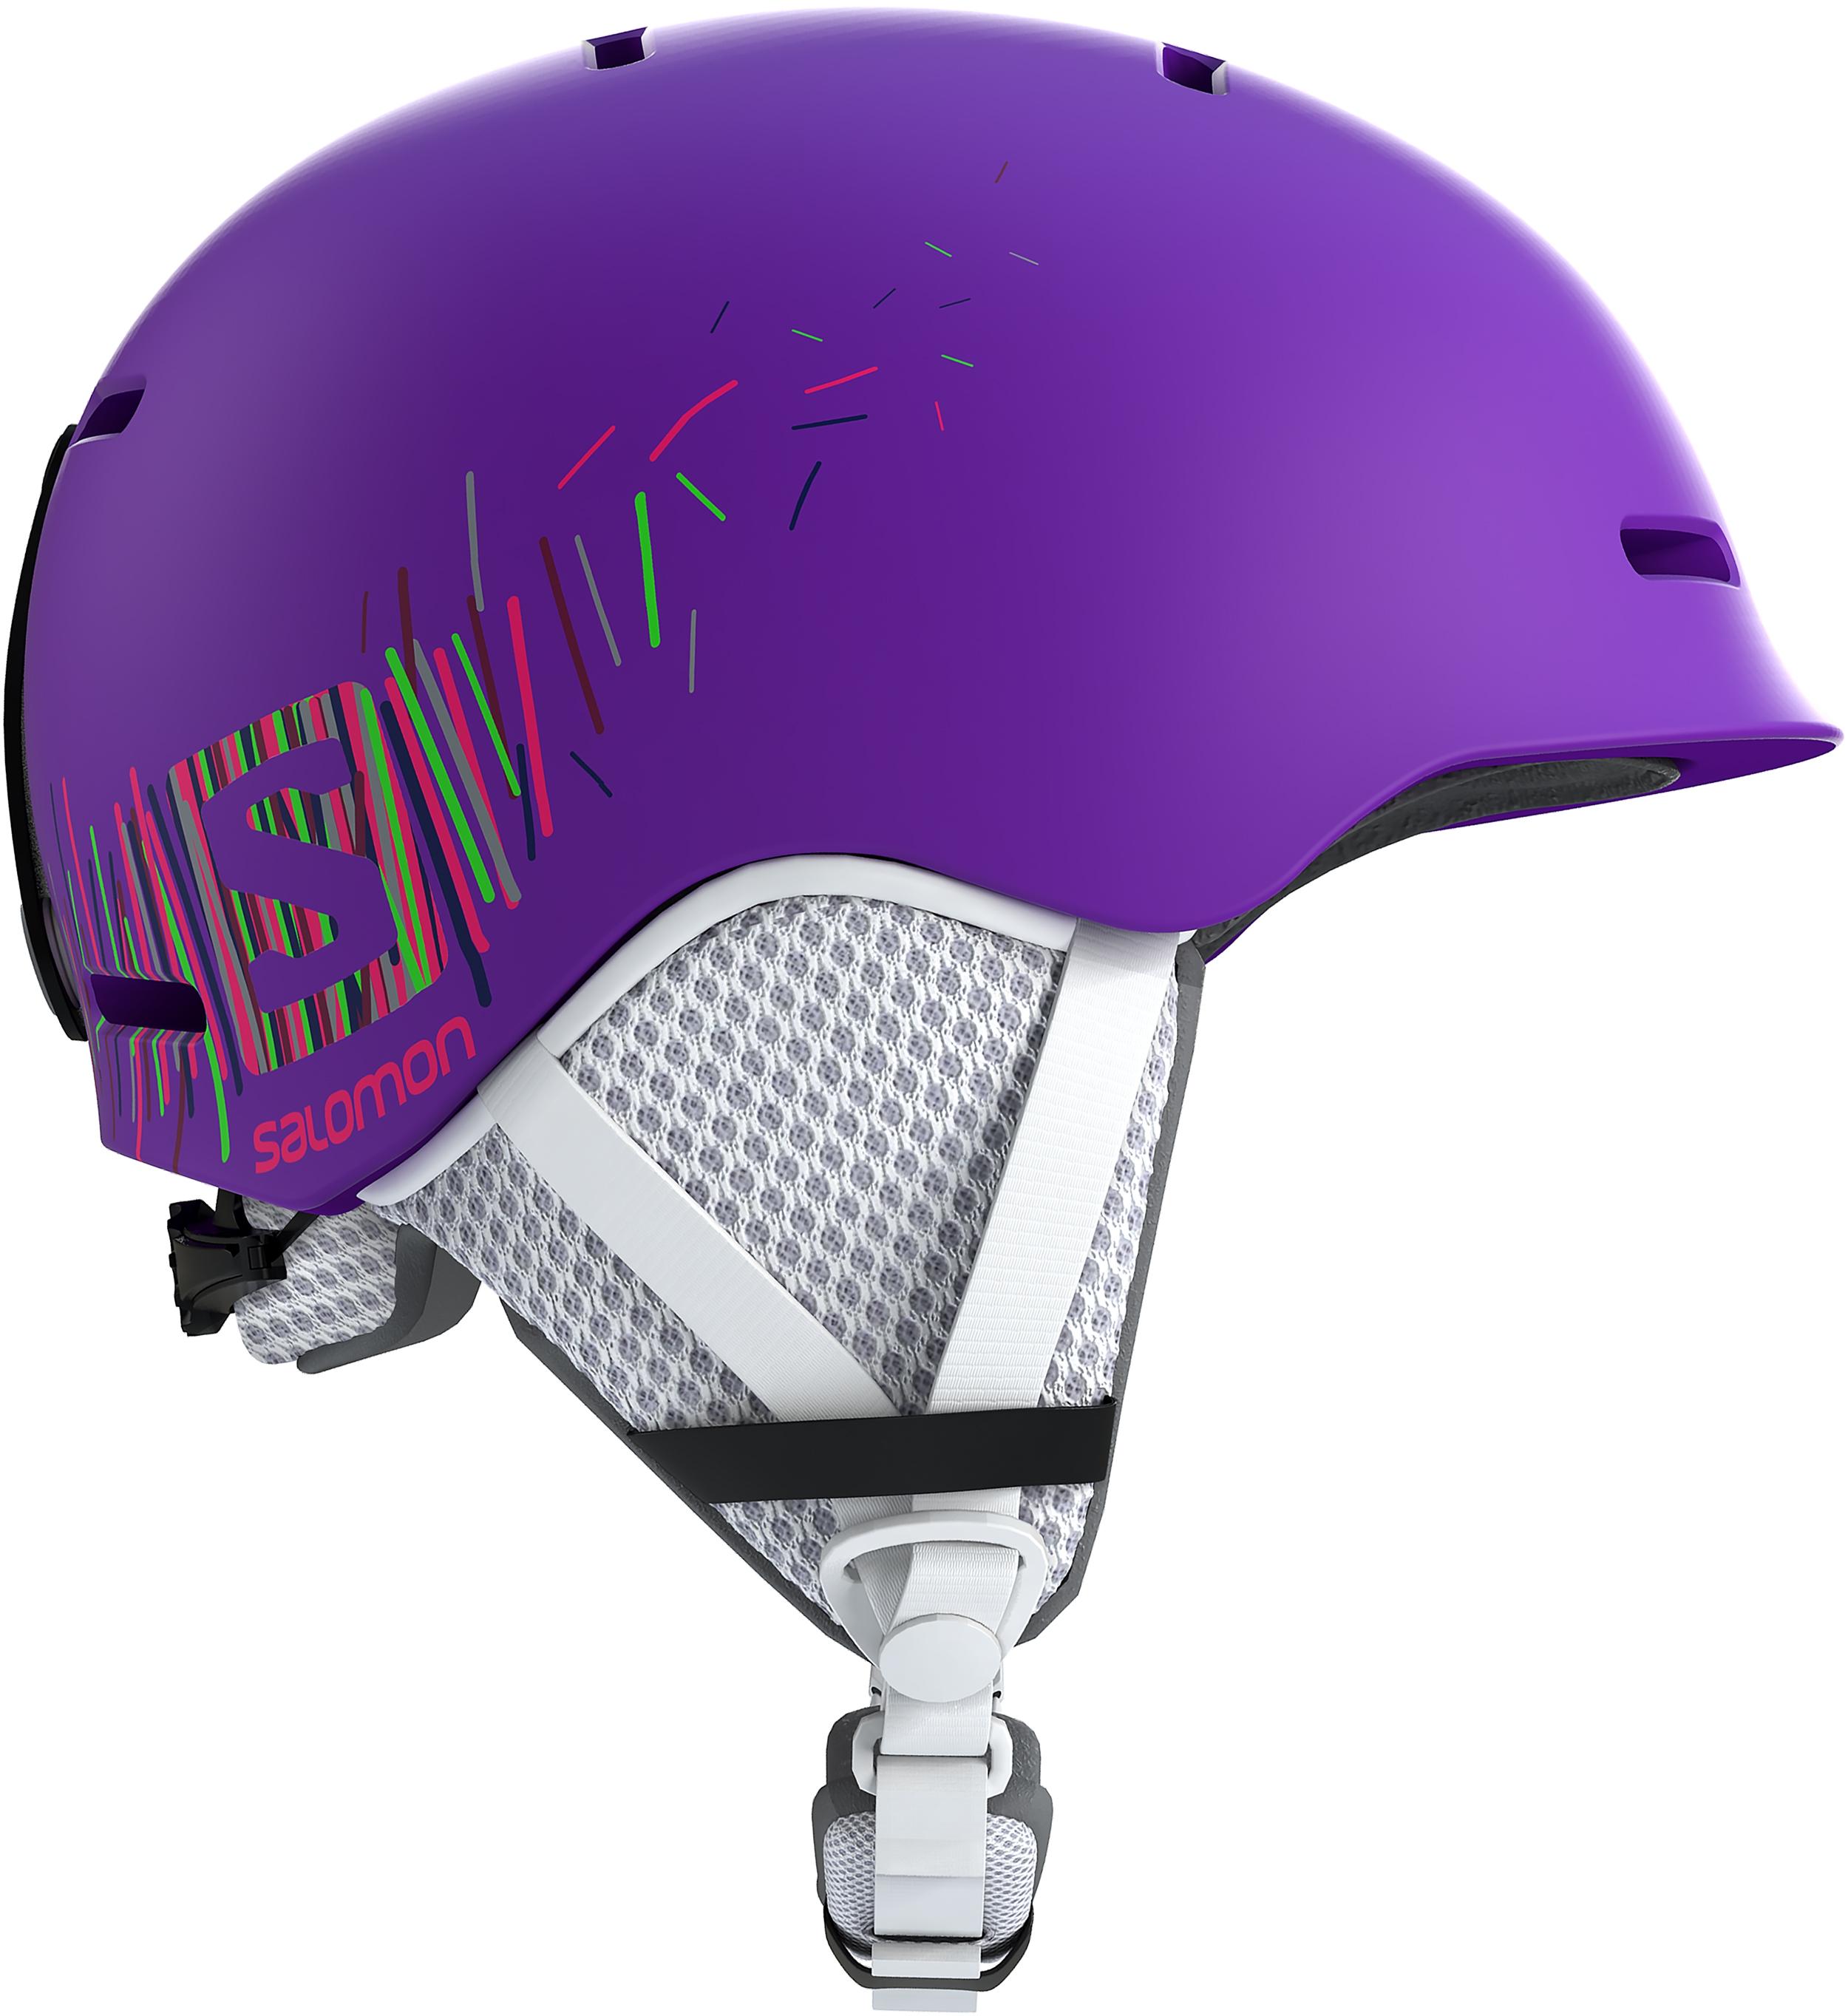 Casque De Ski Salomon Grom Jr Flame